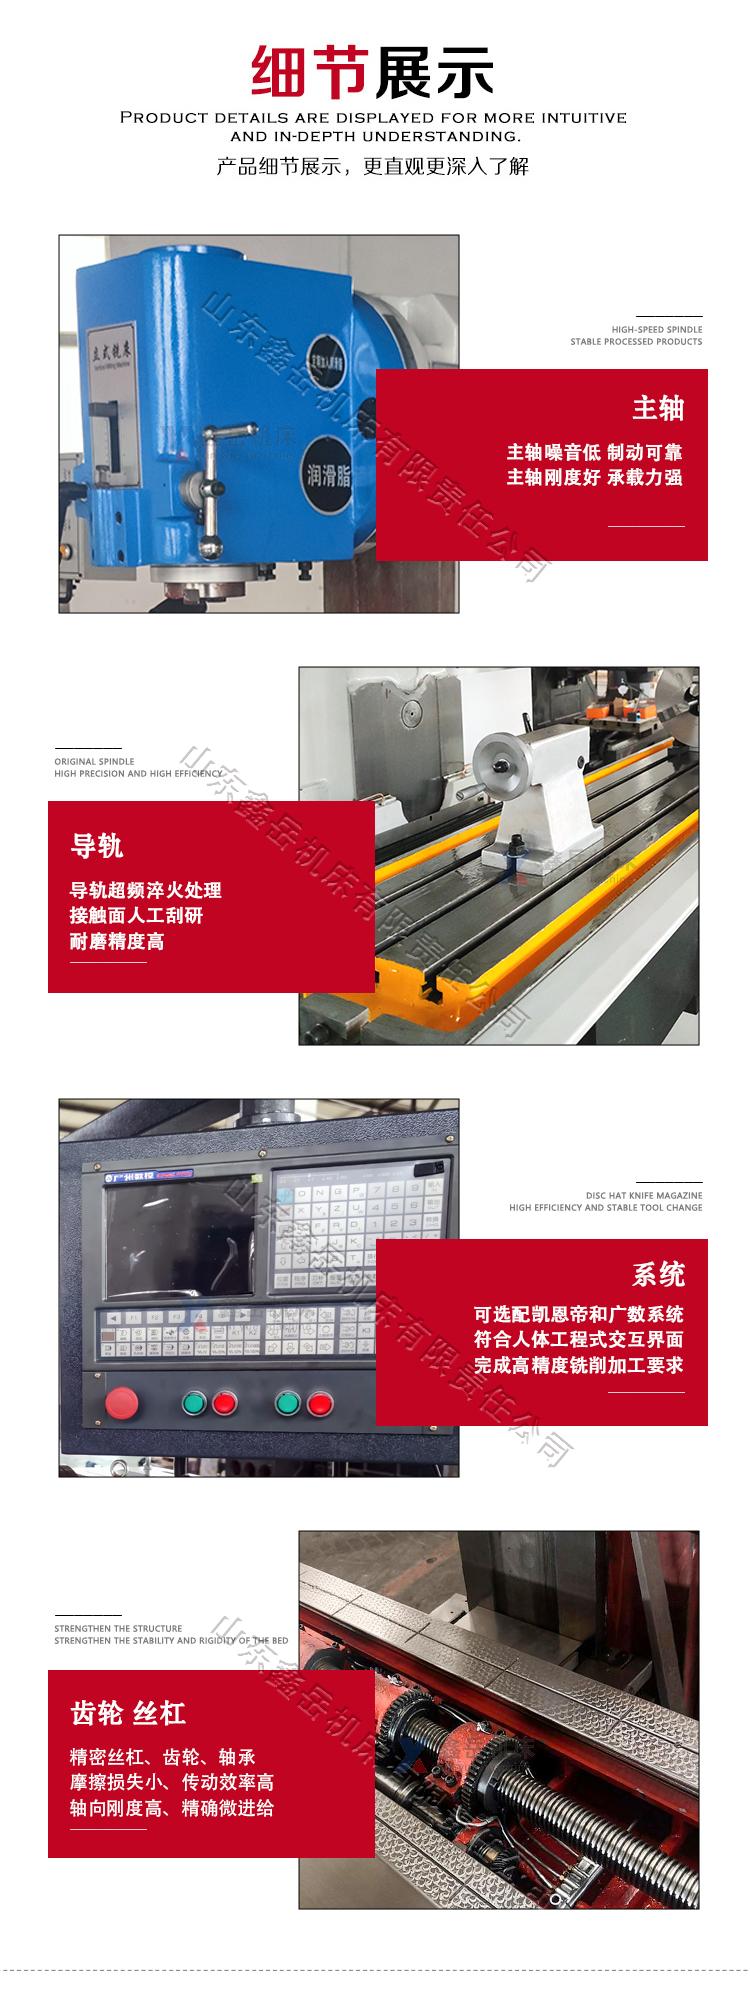 XK5036shu控xi床细节